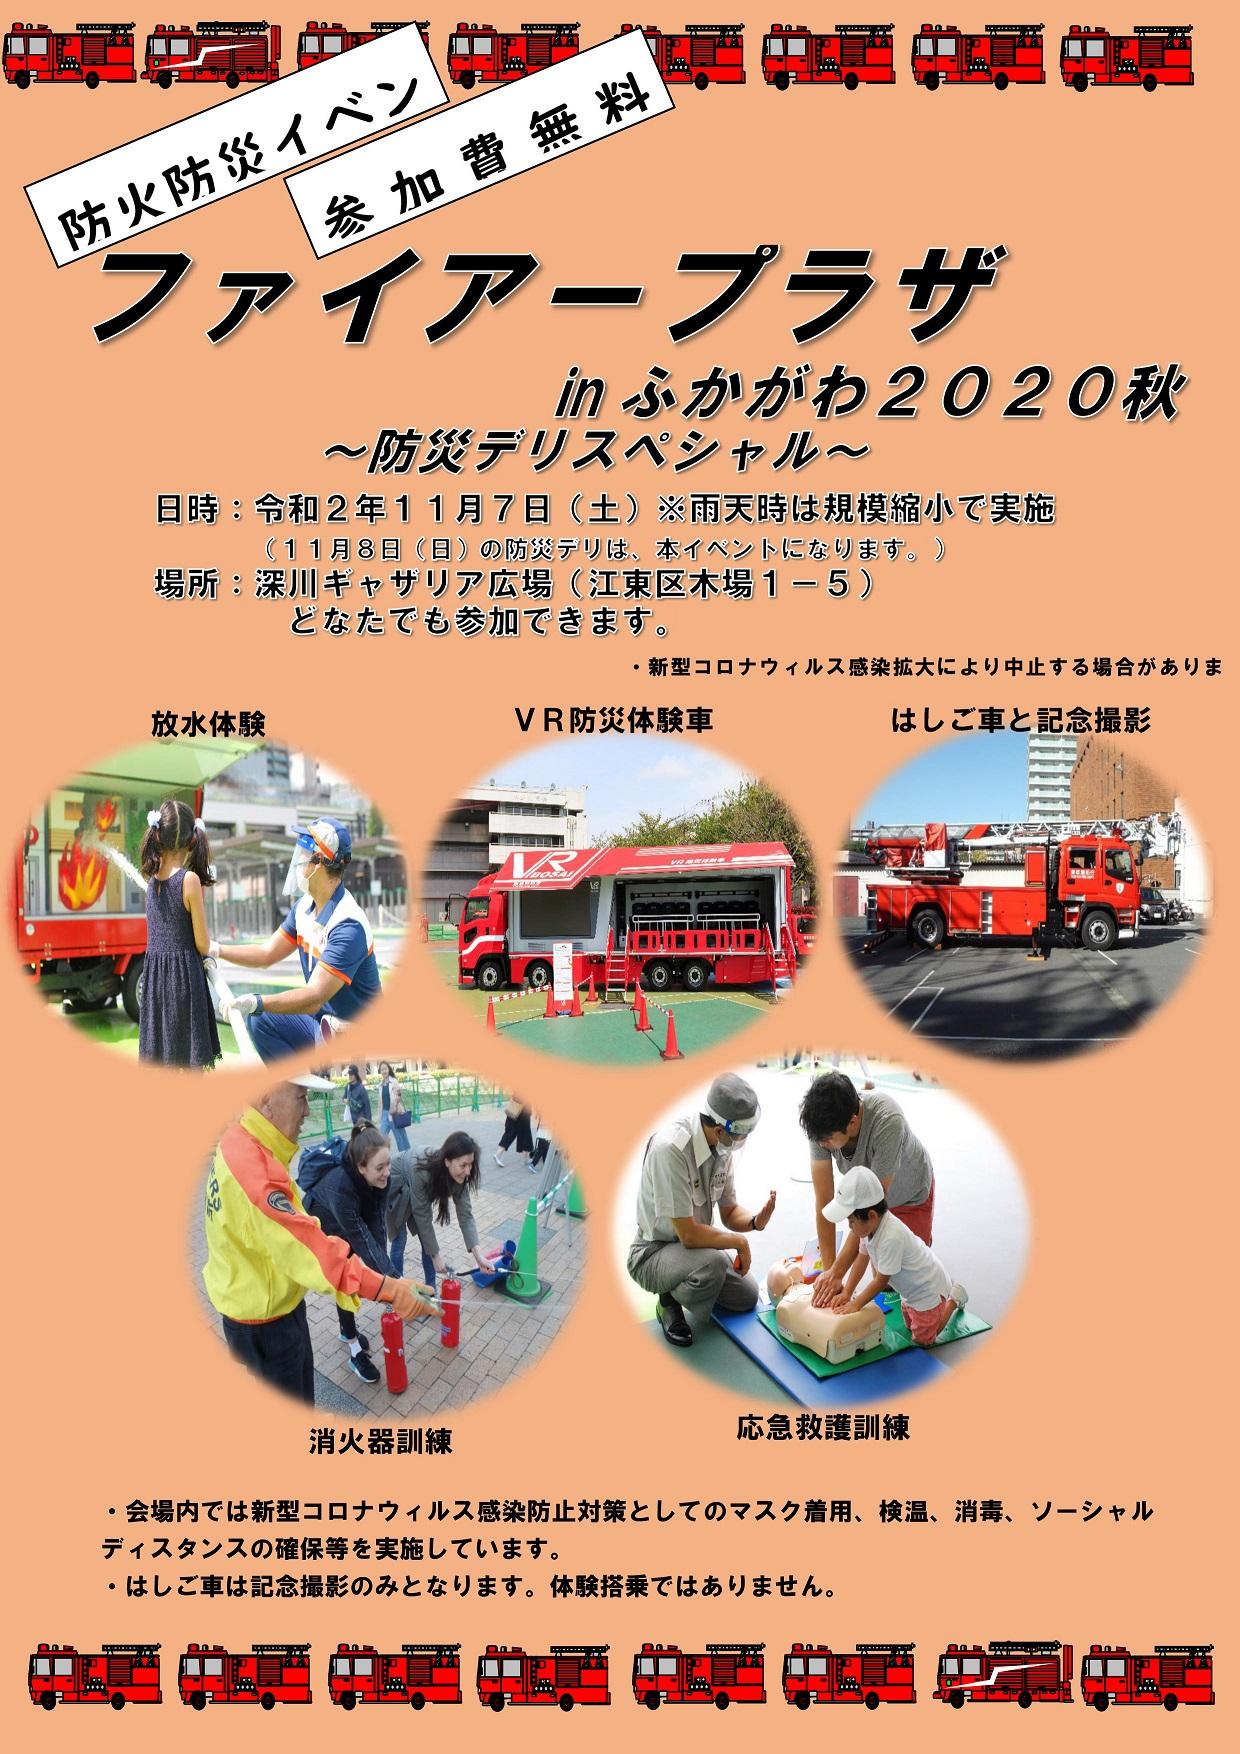 消防署 深川 東京消防庁<深川消防署><豊洲出張所>